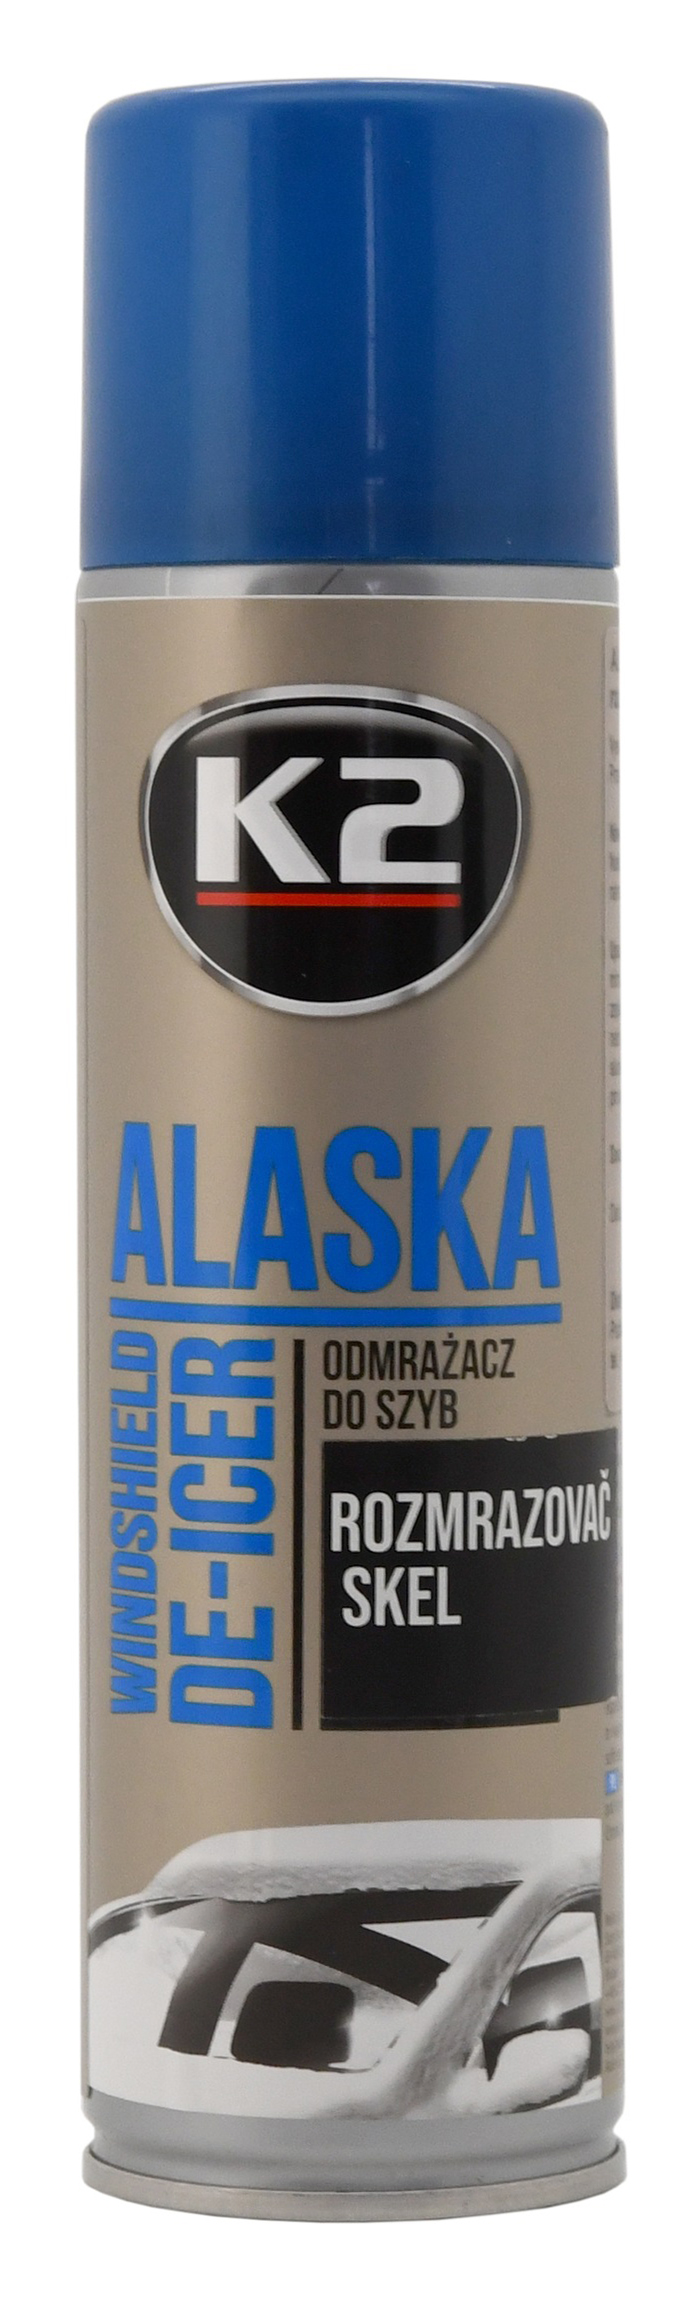 K2 ALASKA 250ml - rozmrazovač skel